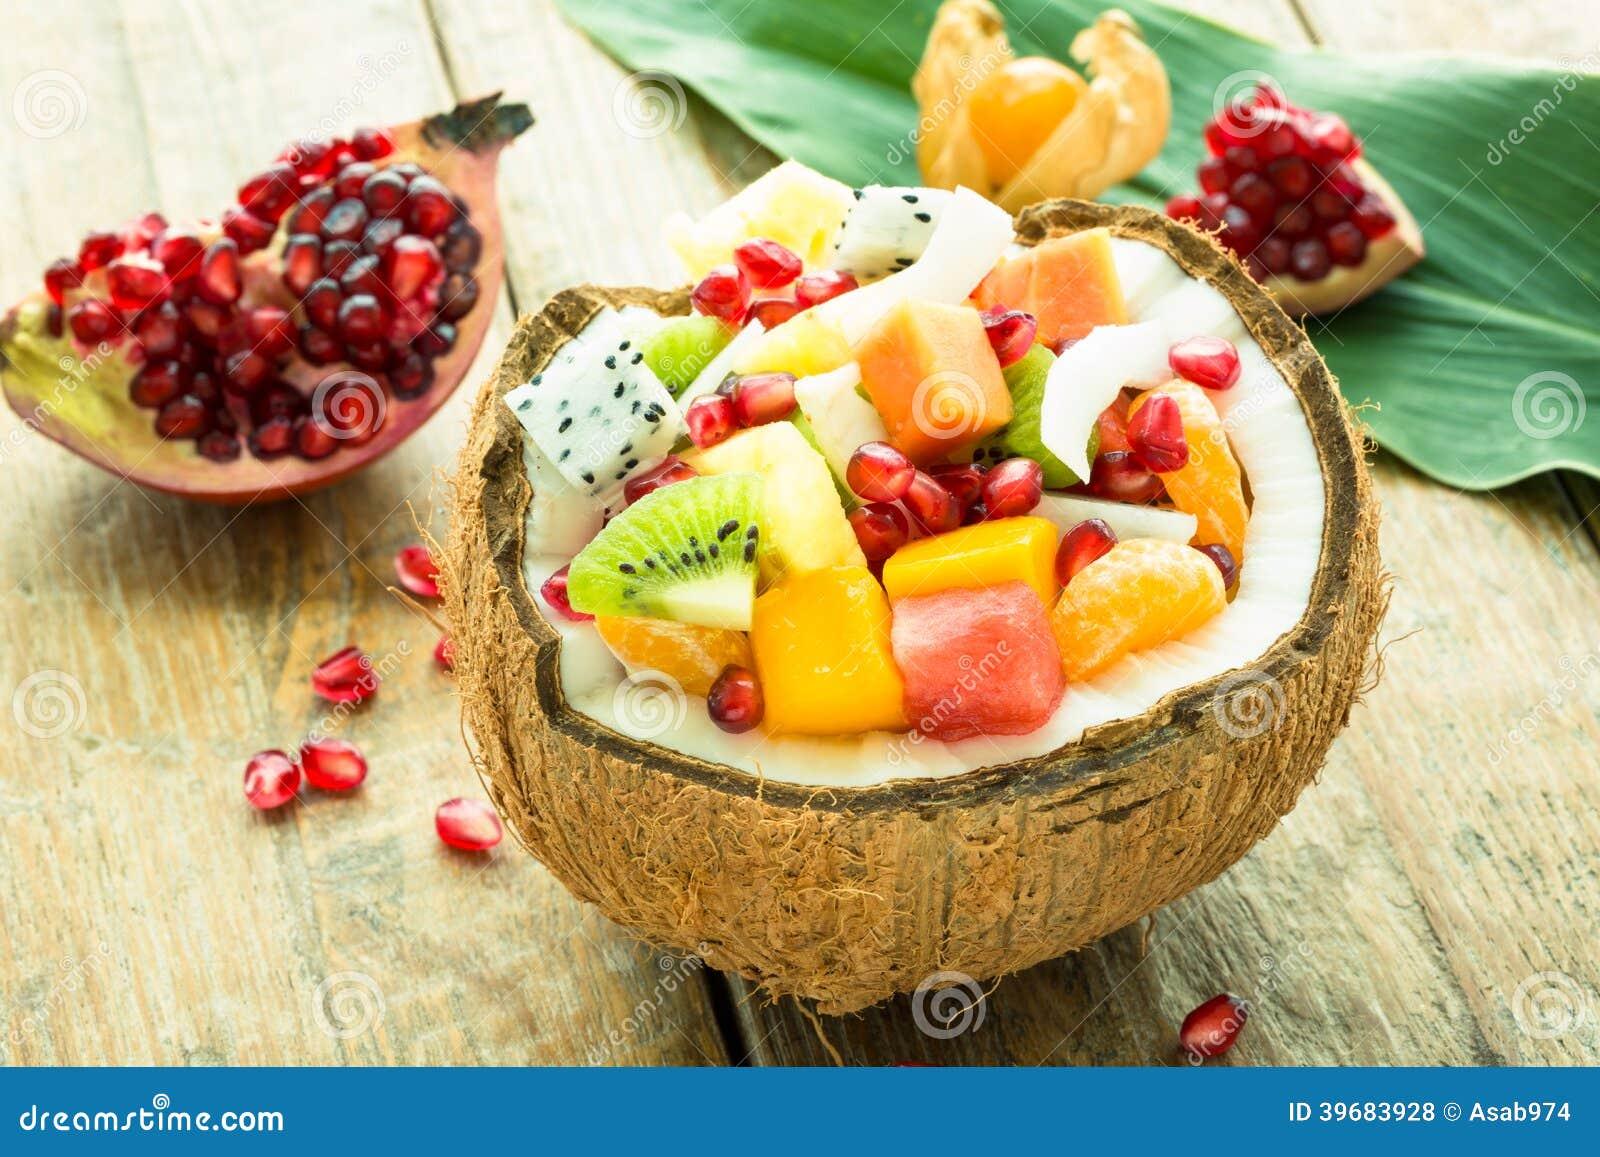 tropical fruit salad fresh v exotic fruit salad tropical fruit salad ...